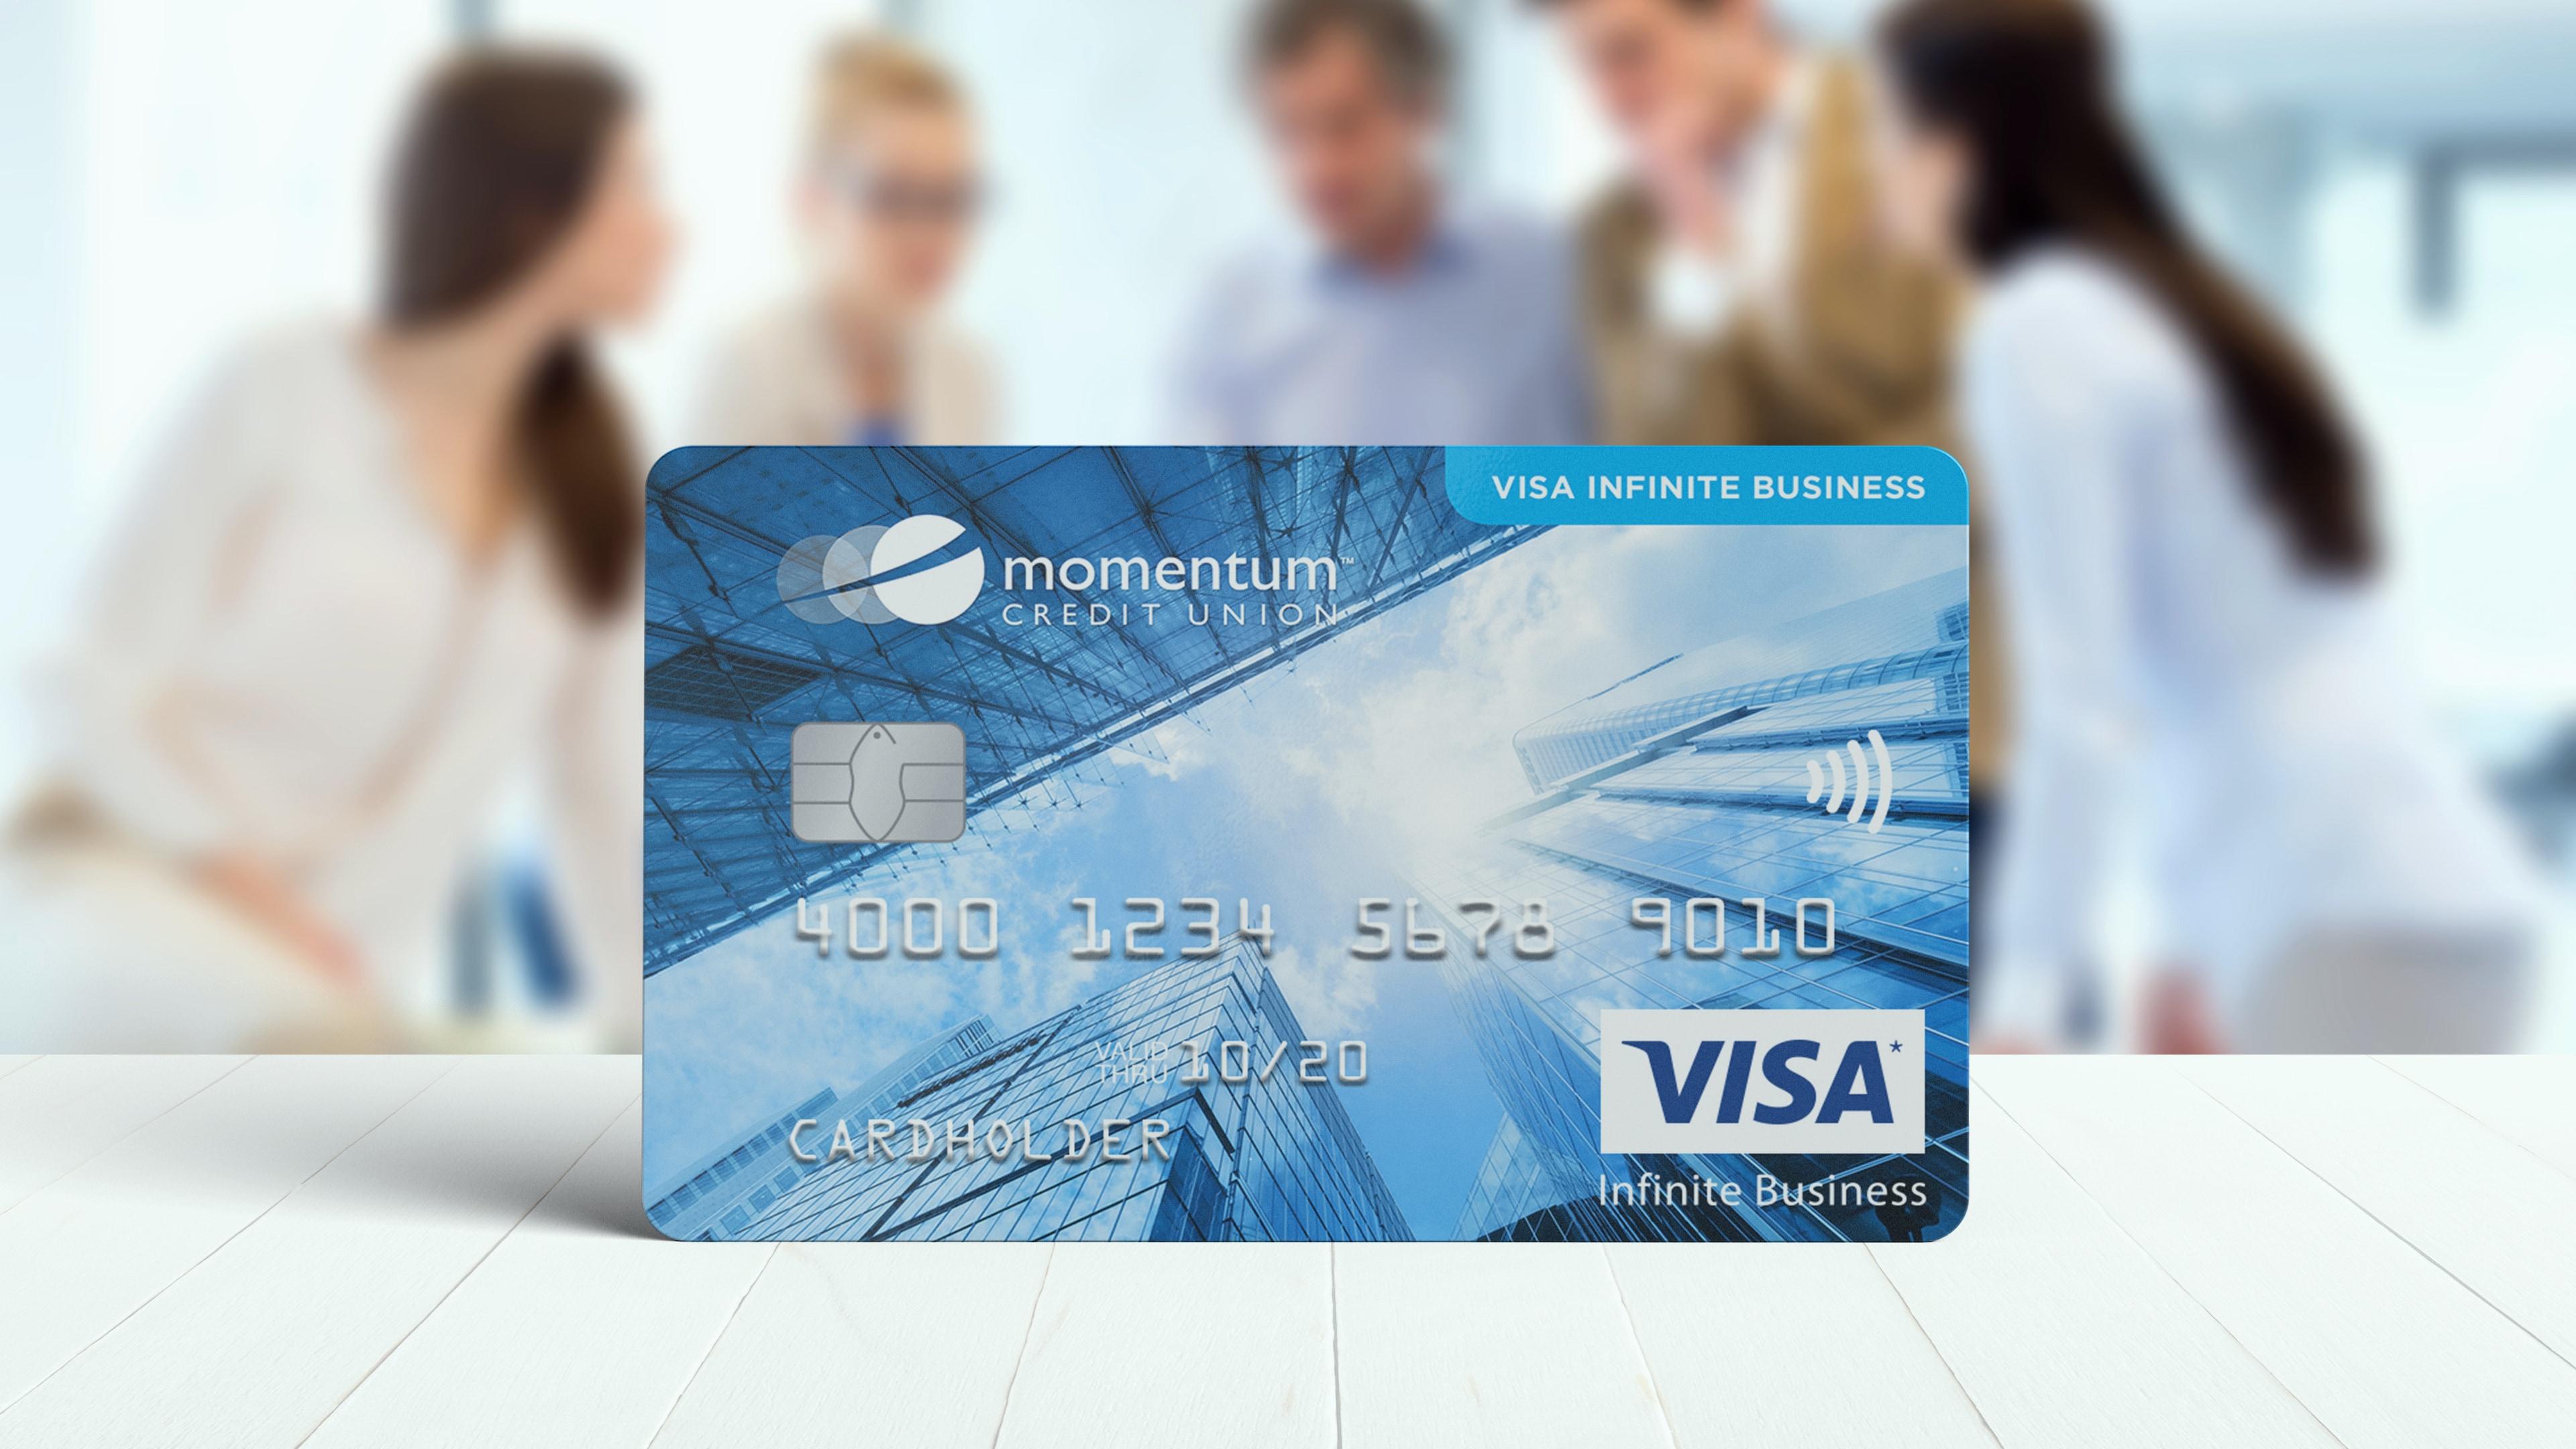 Momentum Visa Infinite Business